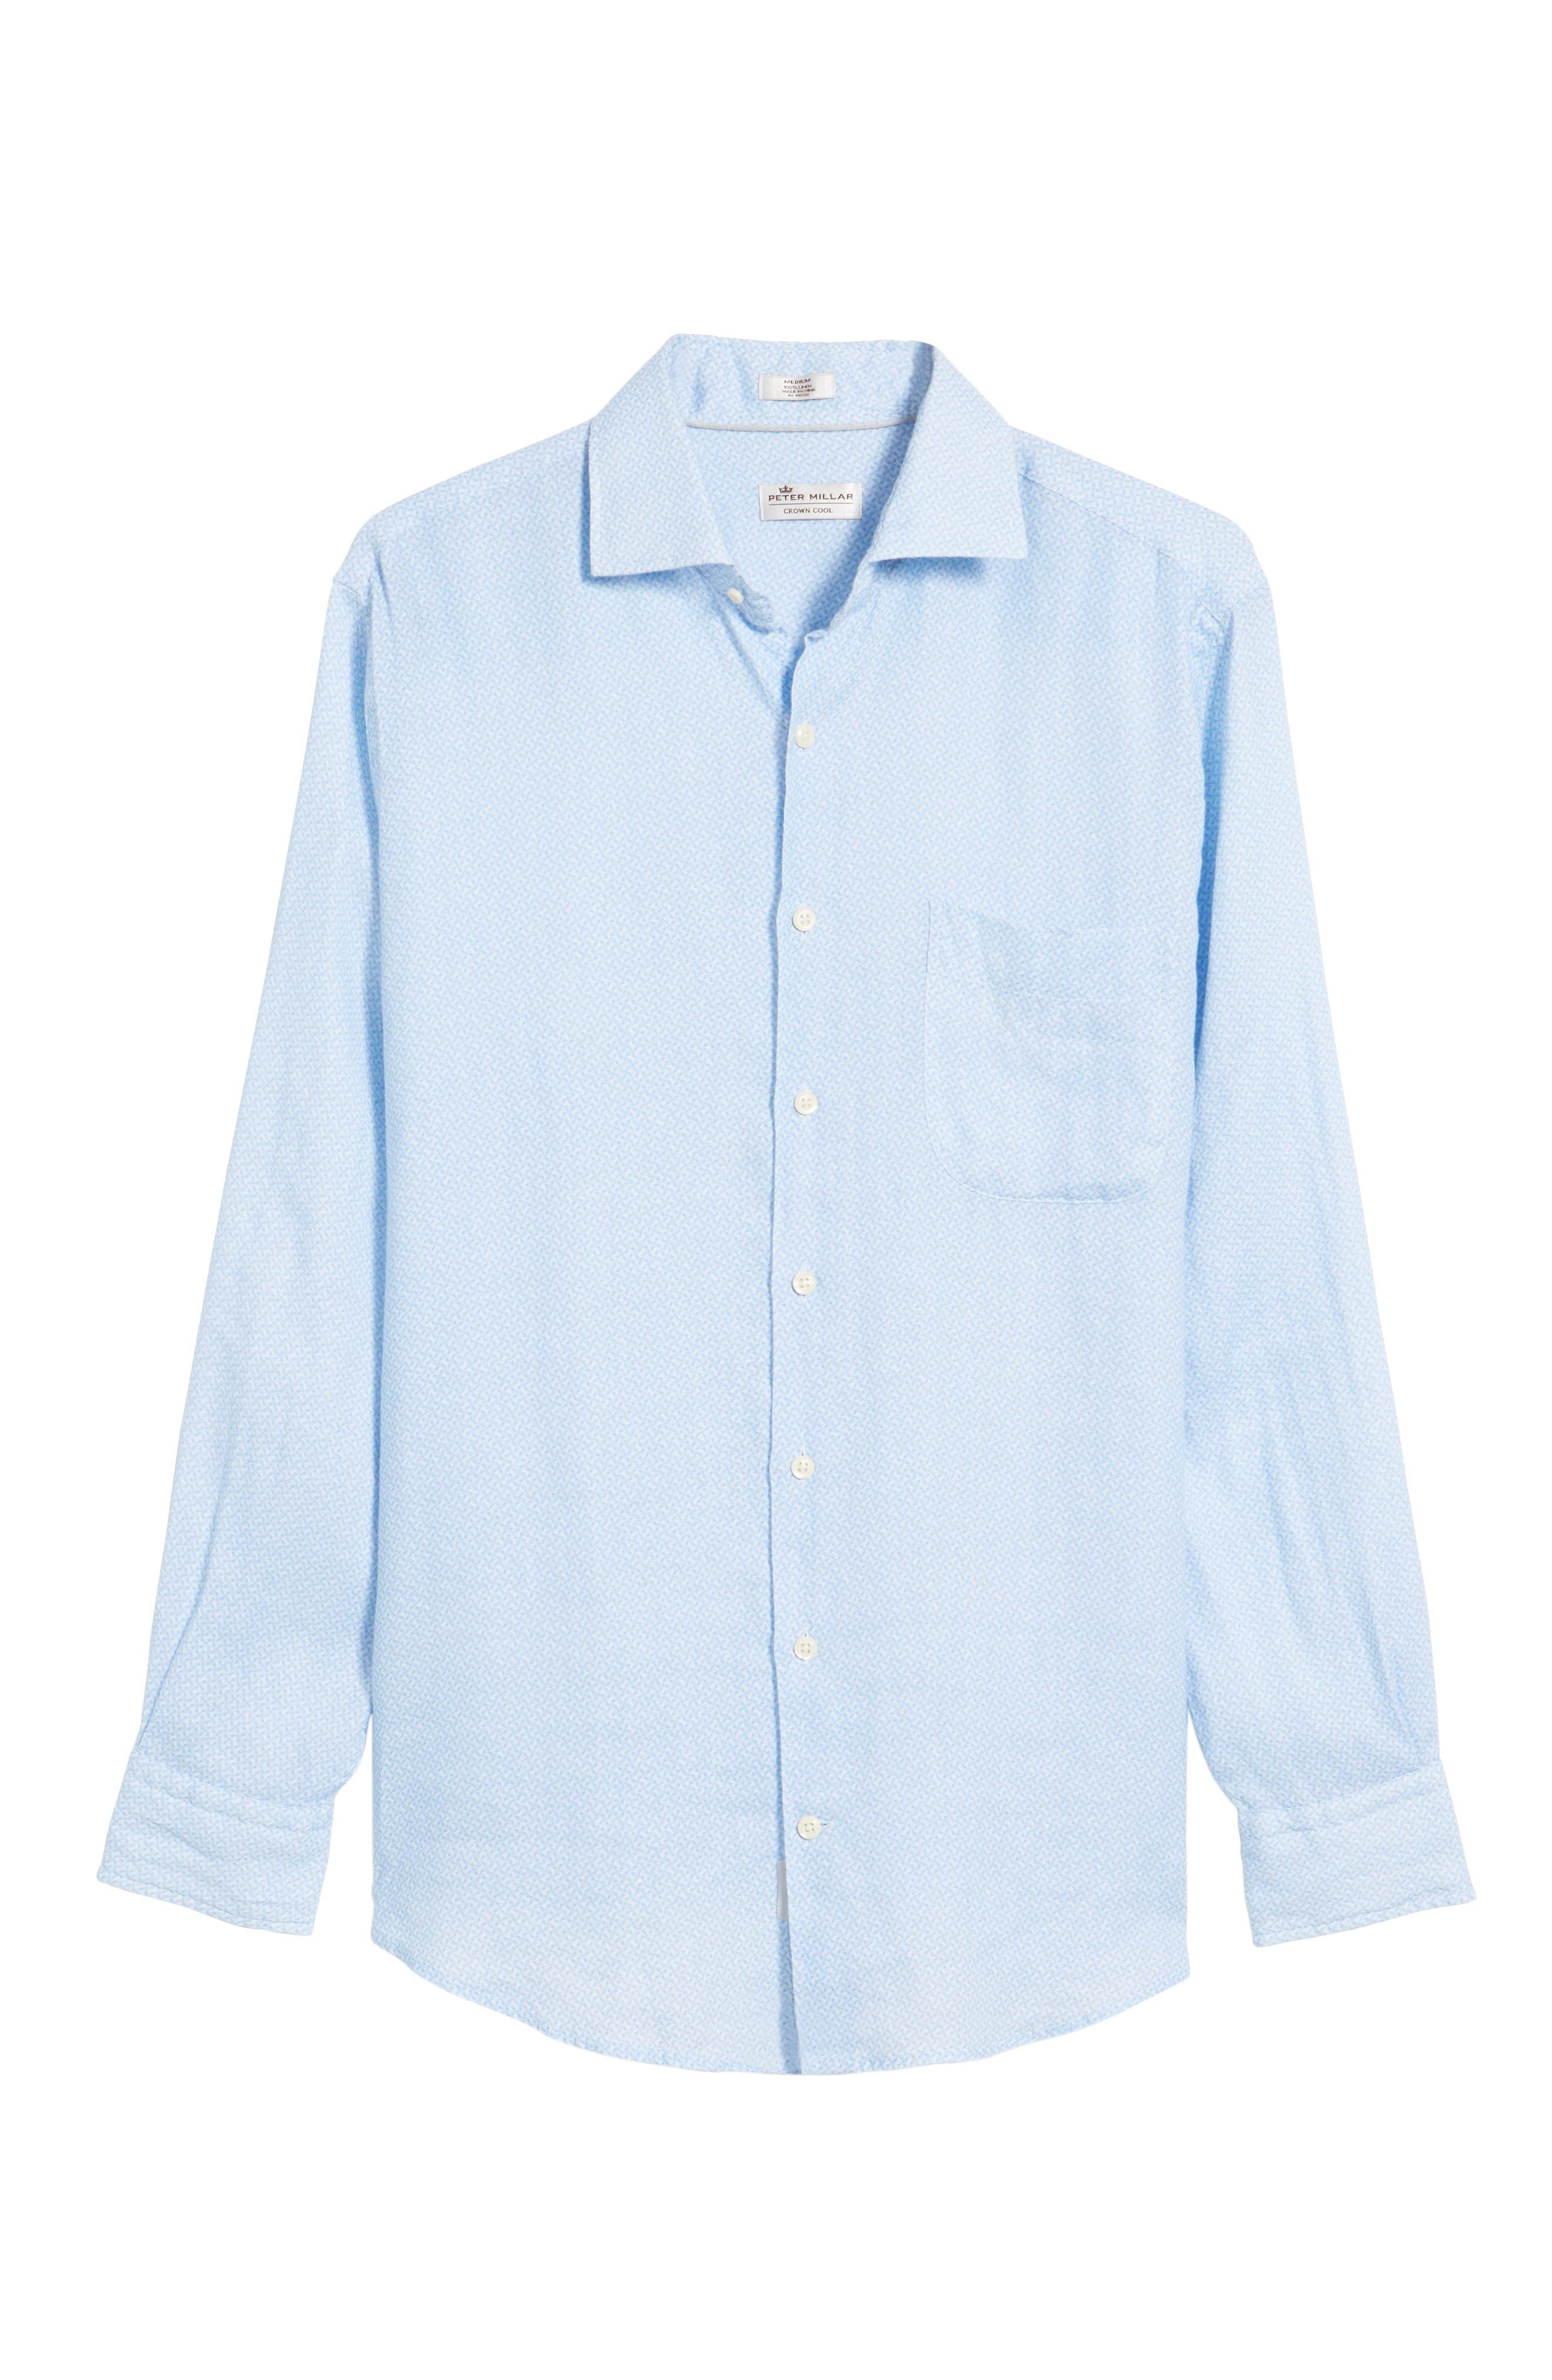 Whirlwind Regular Fit Linen Sport Shirt,                             Alternate thumbnail 6, color,                             Tar Heel Blue